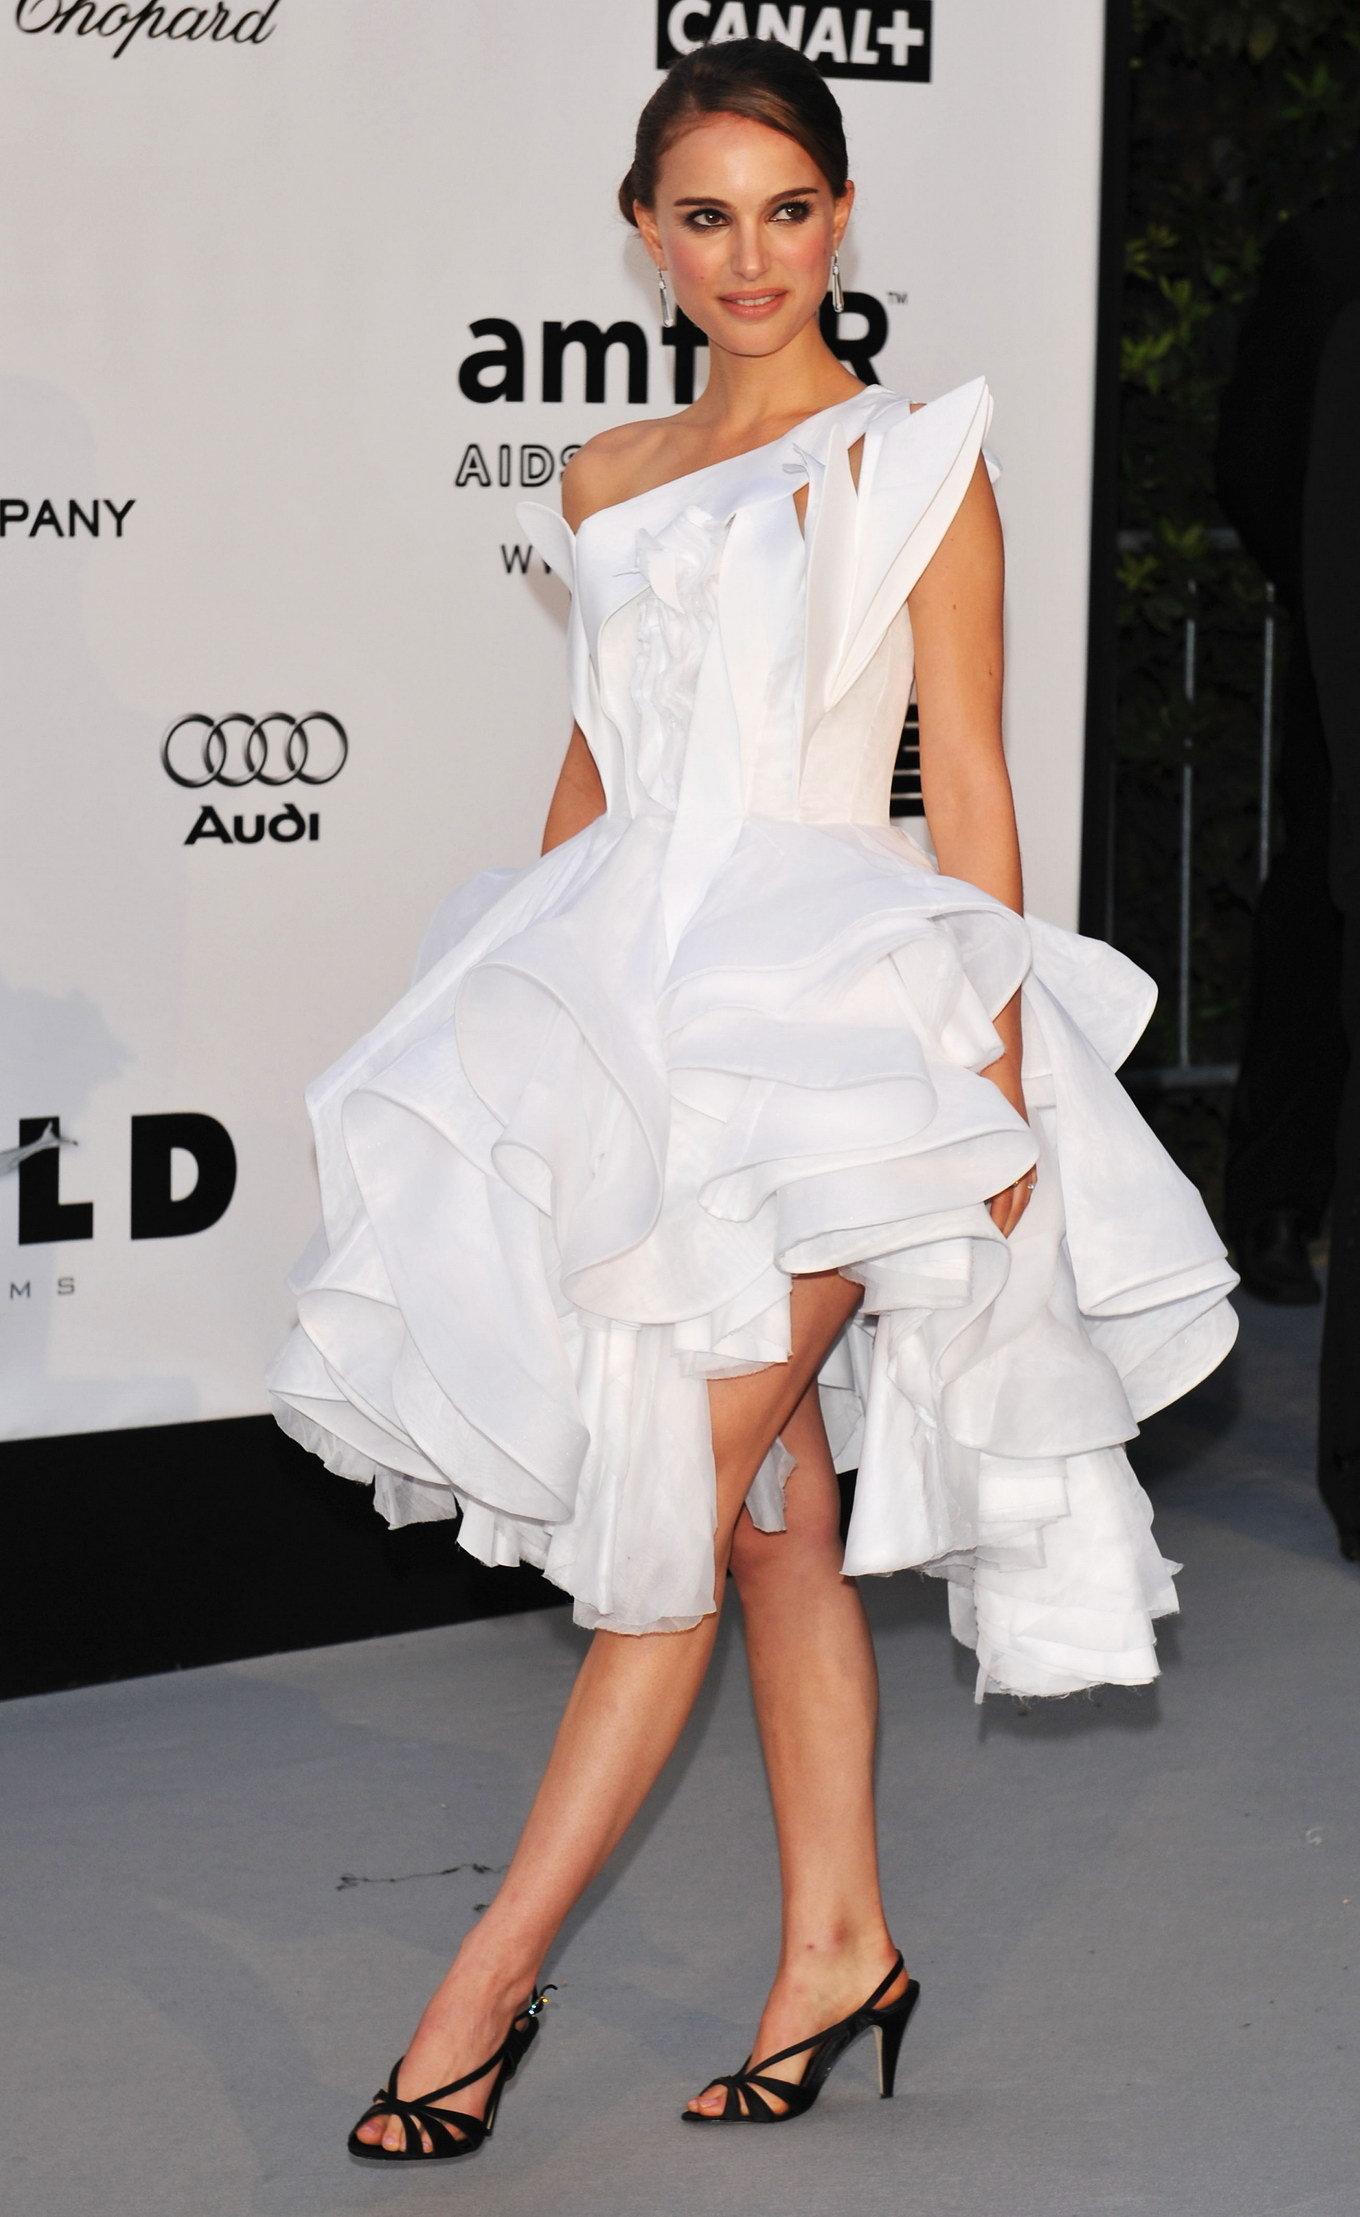 natalie portman - Natalie Portman Photo (6163458) - Fanpop Natalie Portman